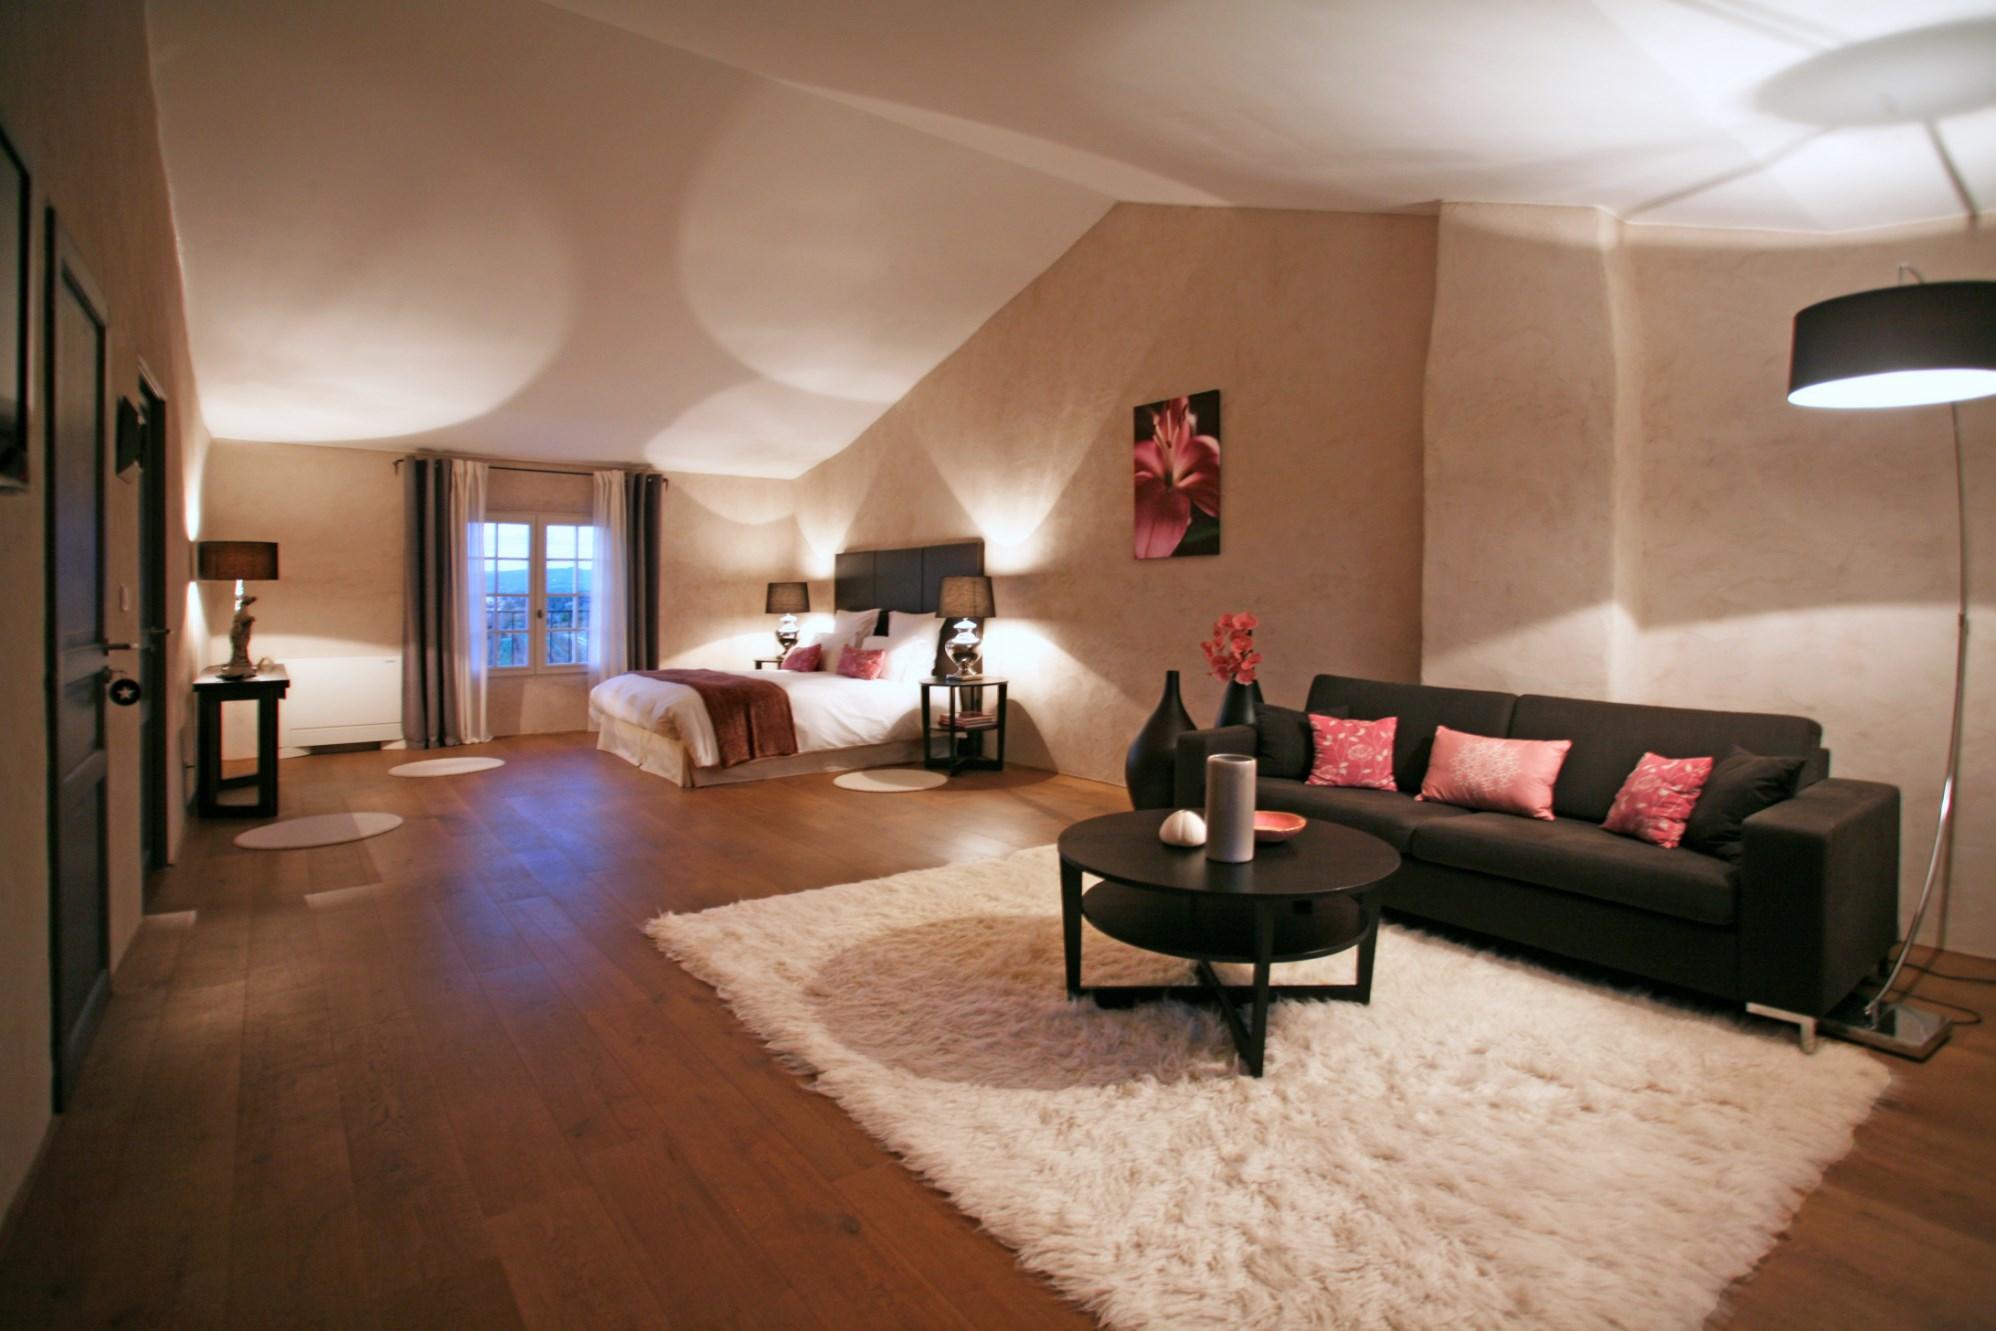 En vente dans le Comtat Venaissin,  belle demeure provençale avec vue à 360°  et piscine